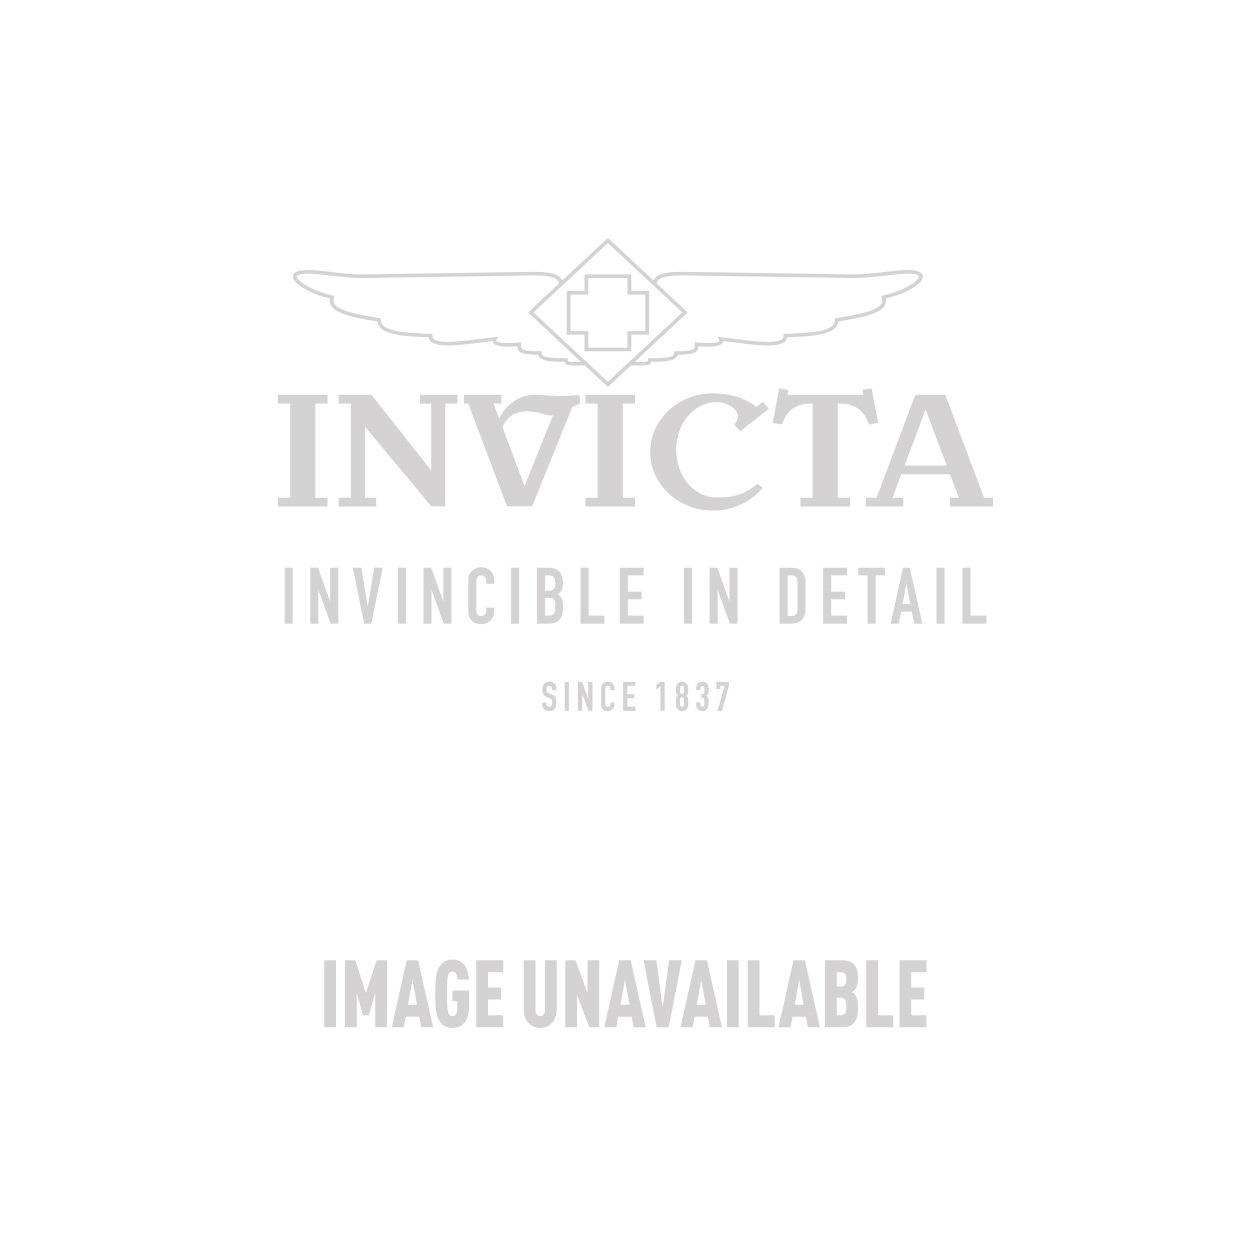 INVICTA Jewelry Divina Necklaces 50 18.4 Silver 925 Rhodium - Model J0029